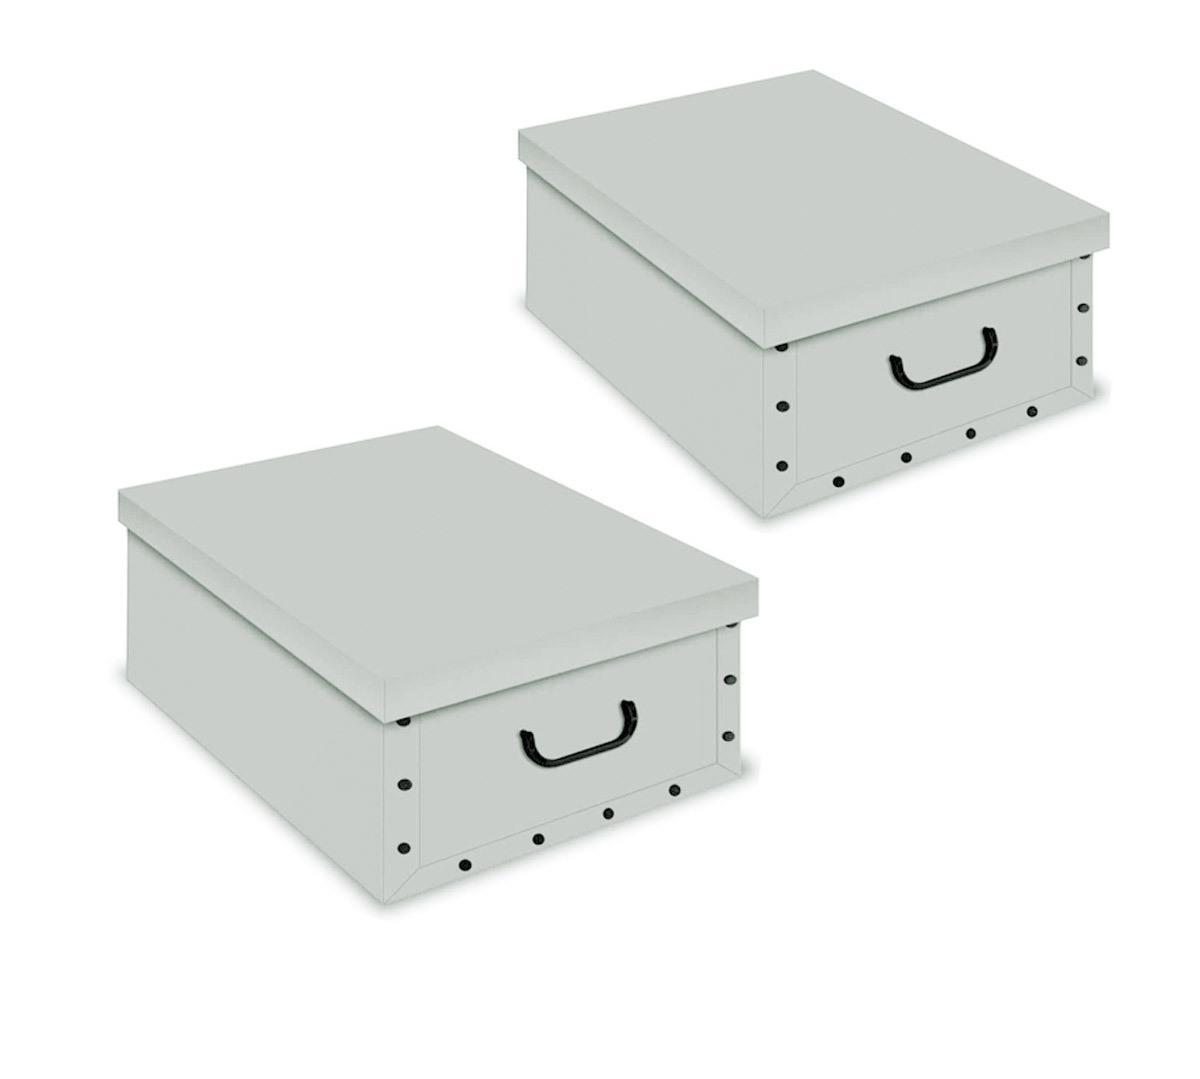 ordnungsboxen deko karton 2er set box clip grau aufbewahrungsbox f r haushalt b ro w sche. Black Bedroom Furniture Sets. Home Design Ideas